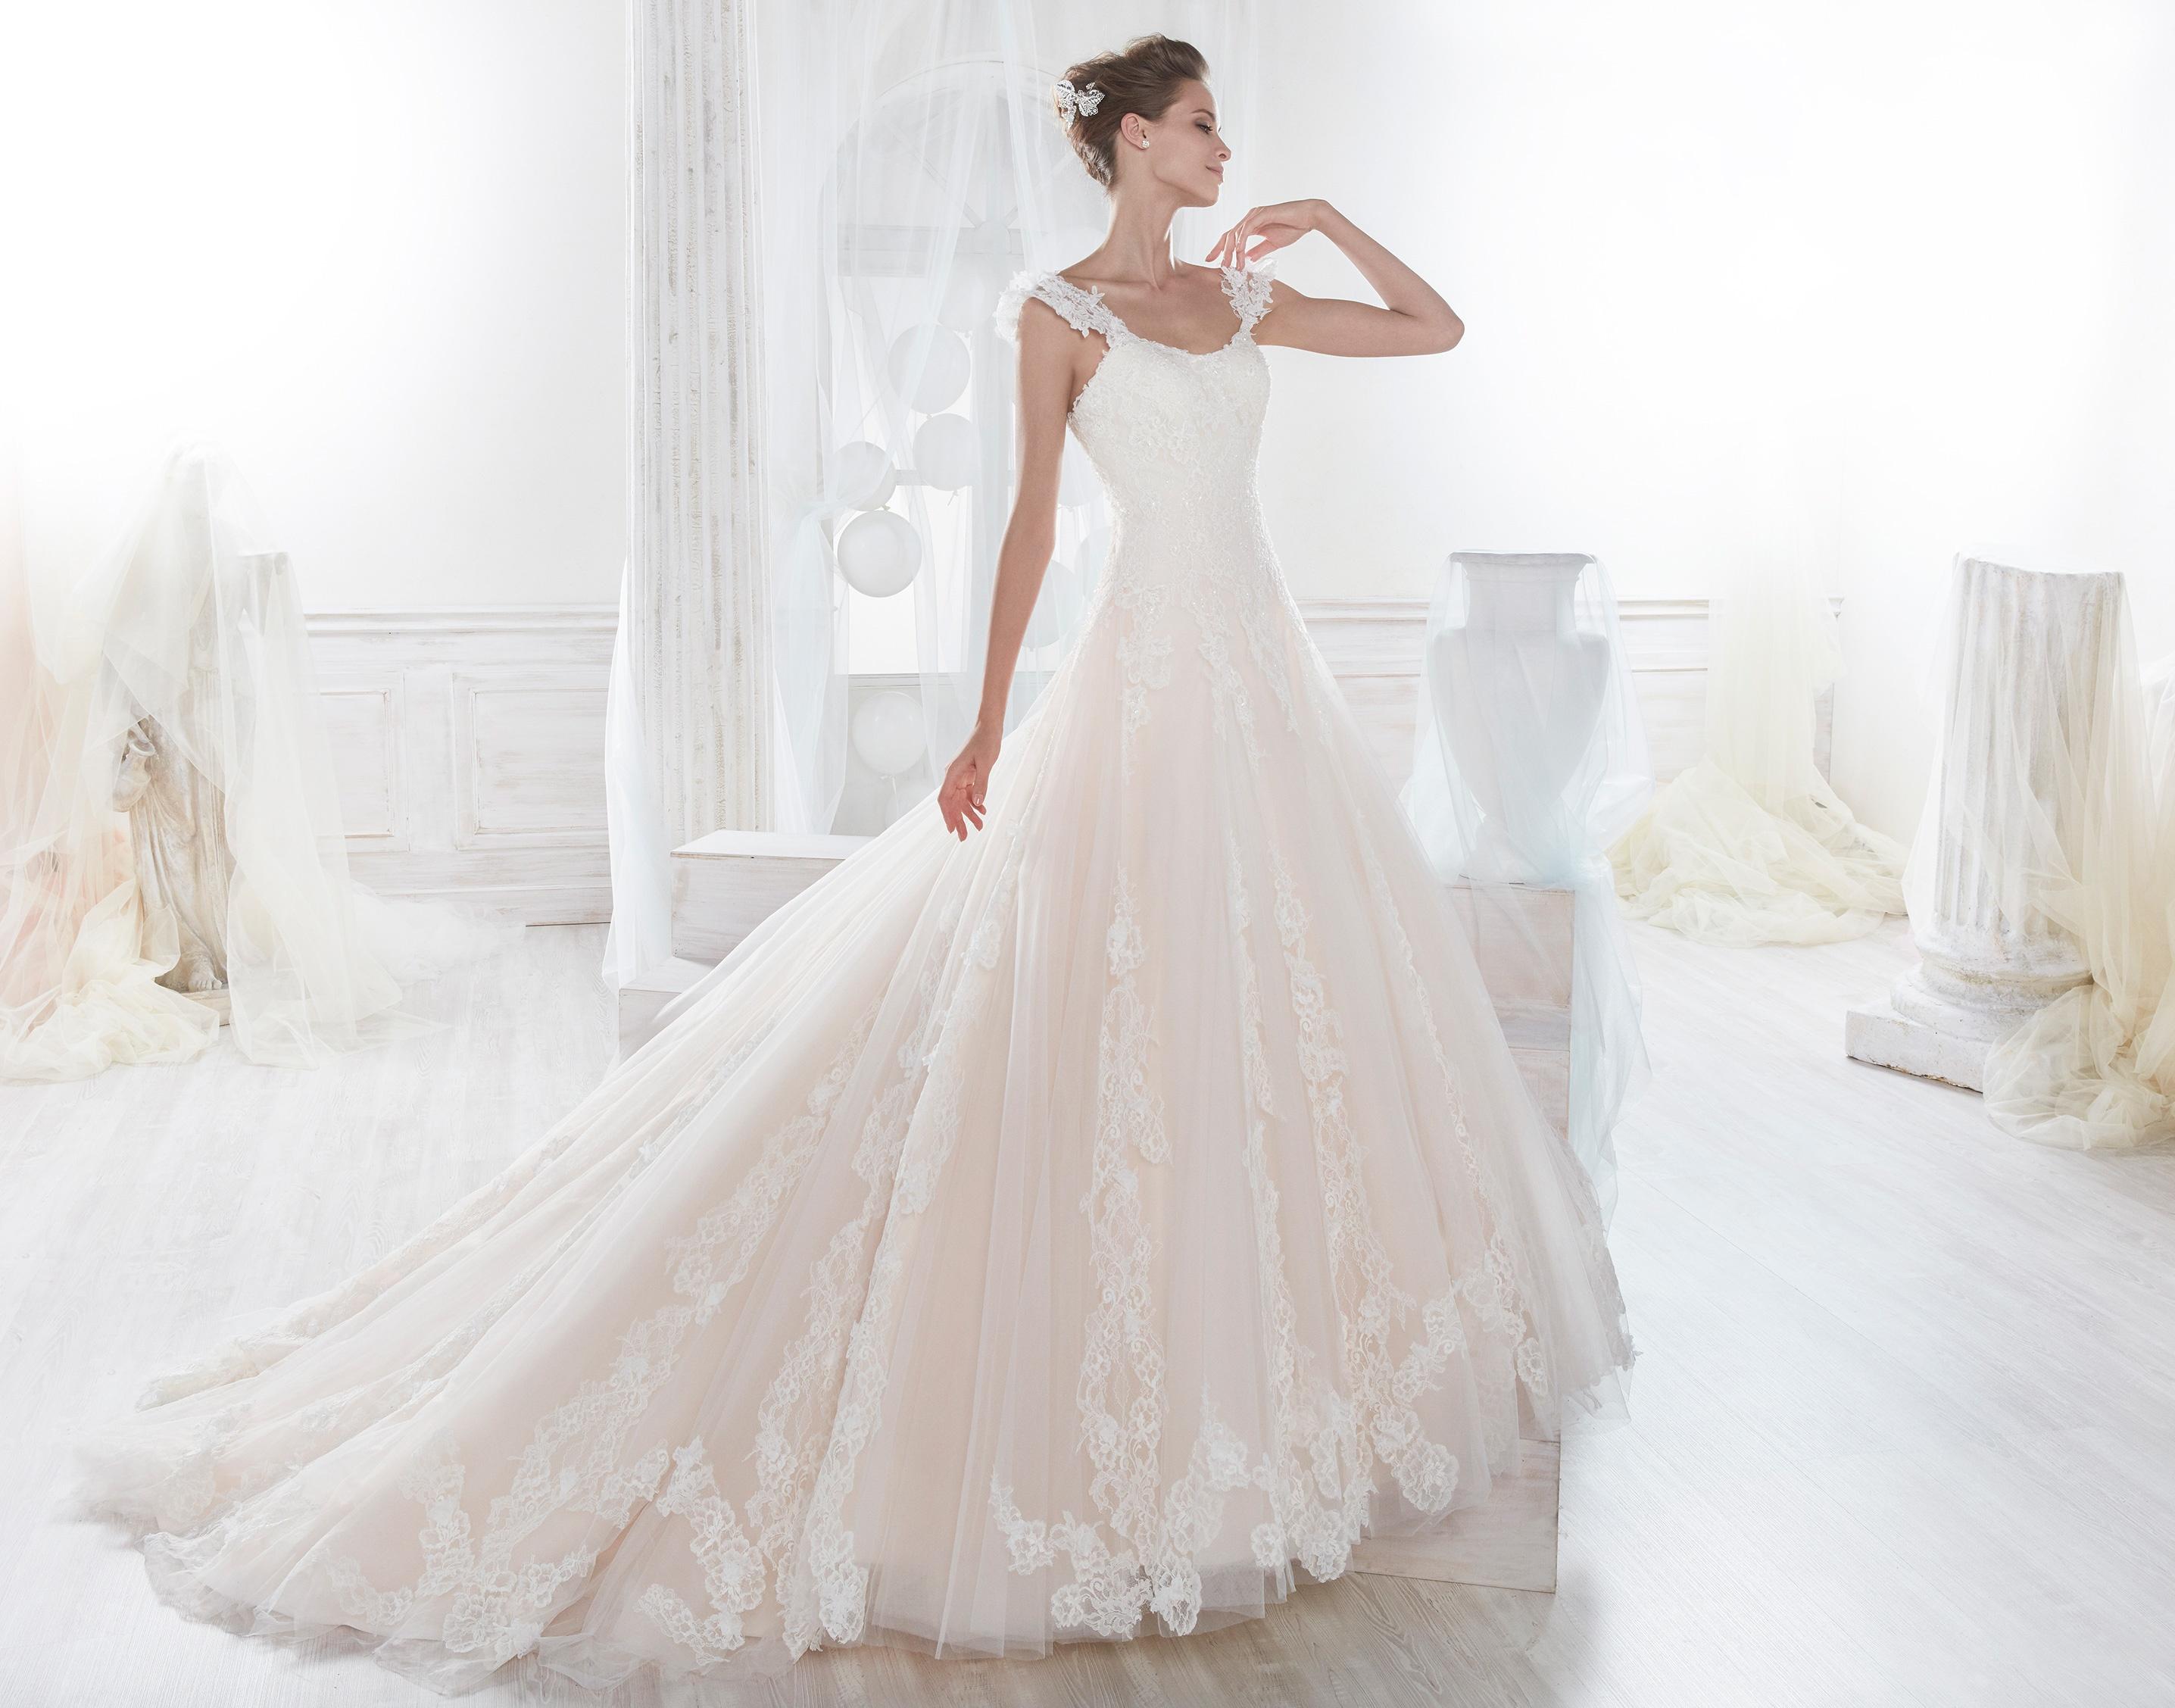 Traje para novia: Vestido con corpiño y en rosa